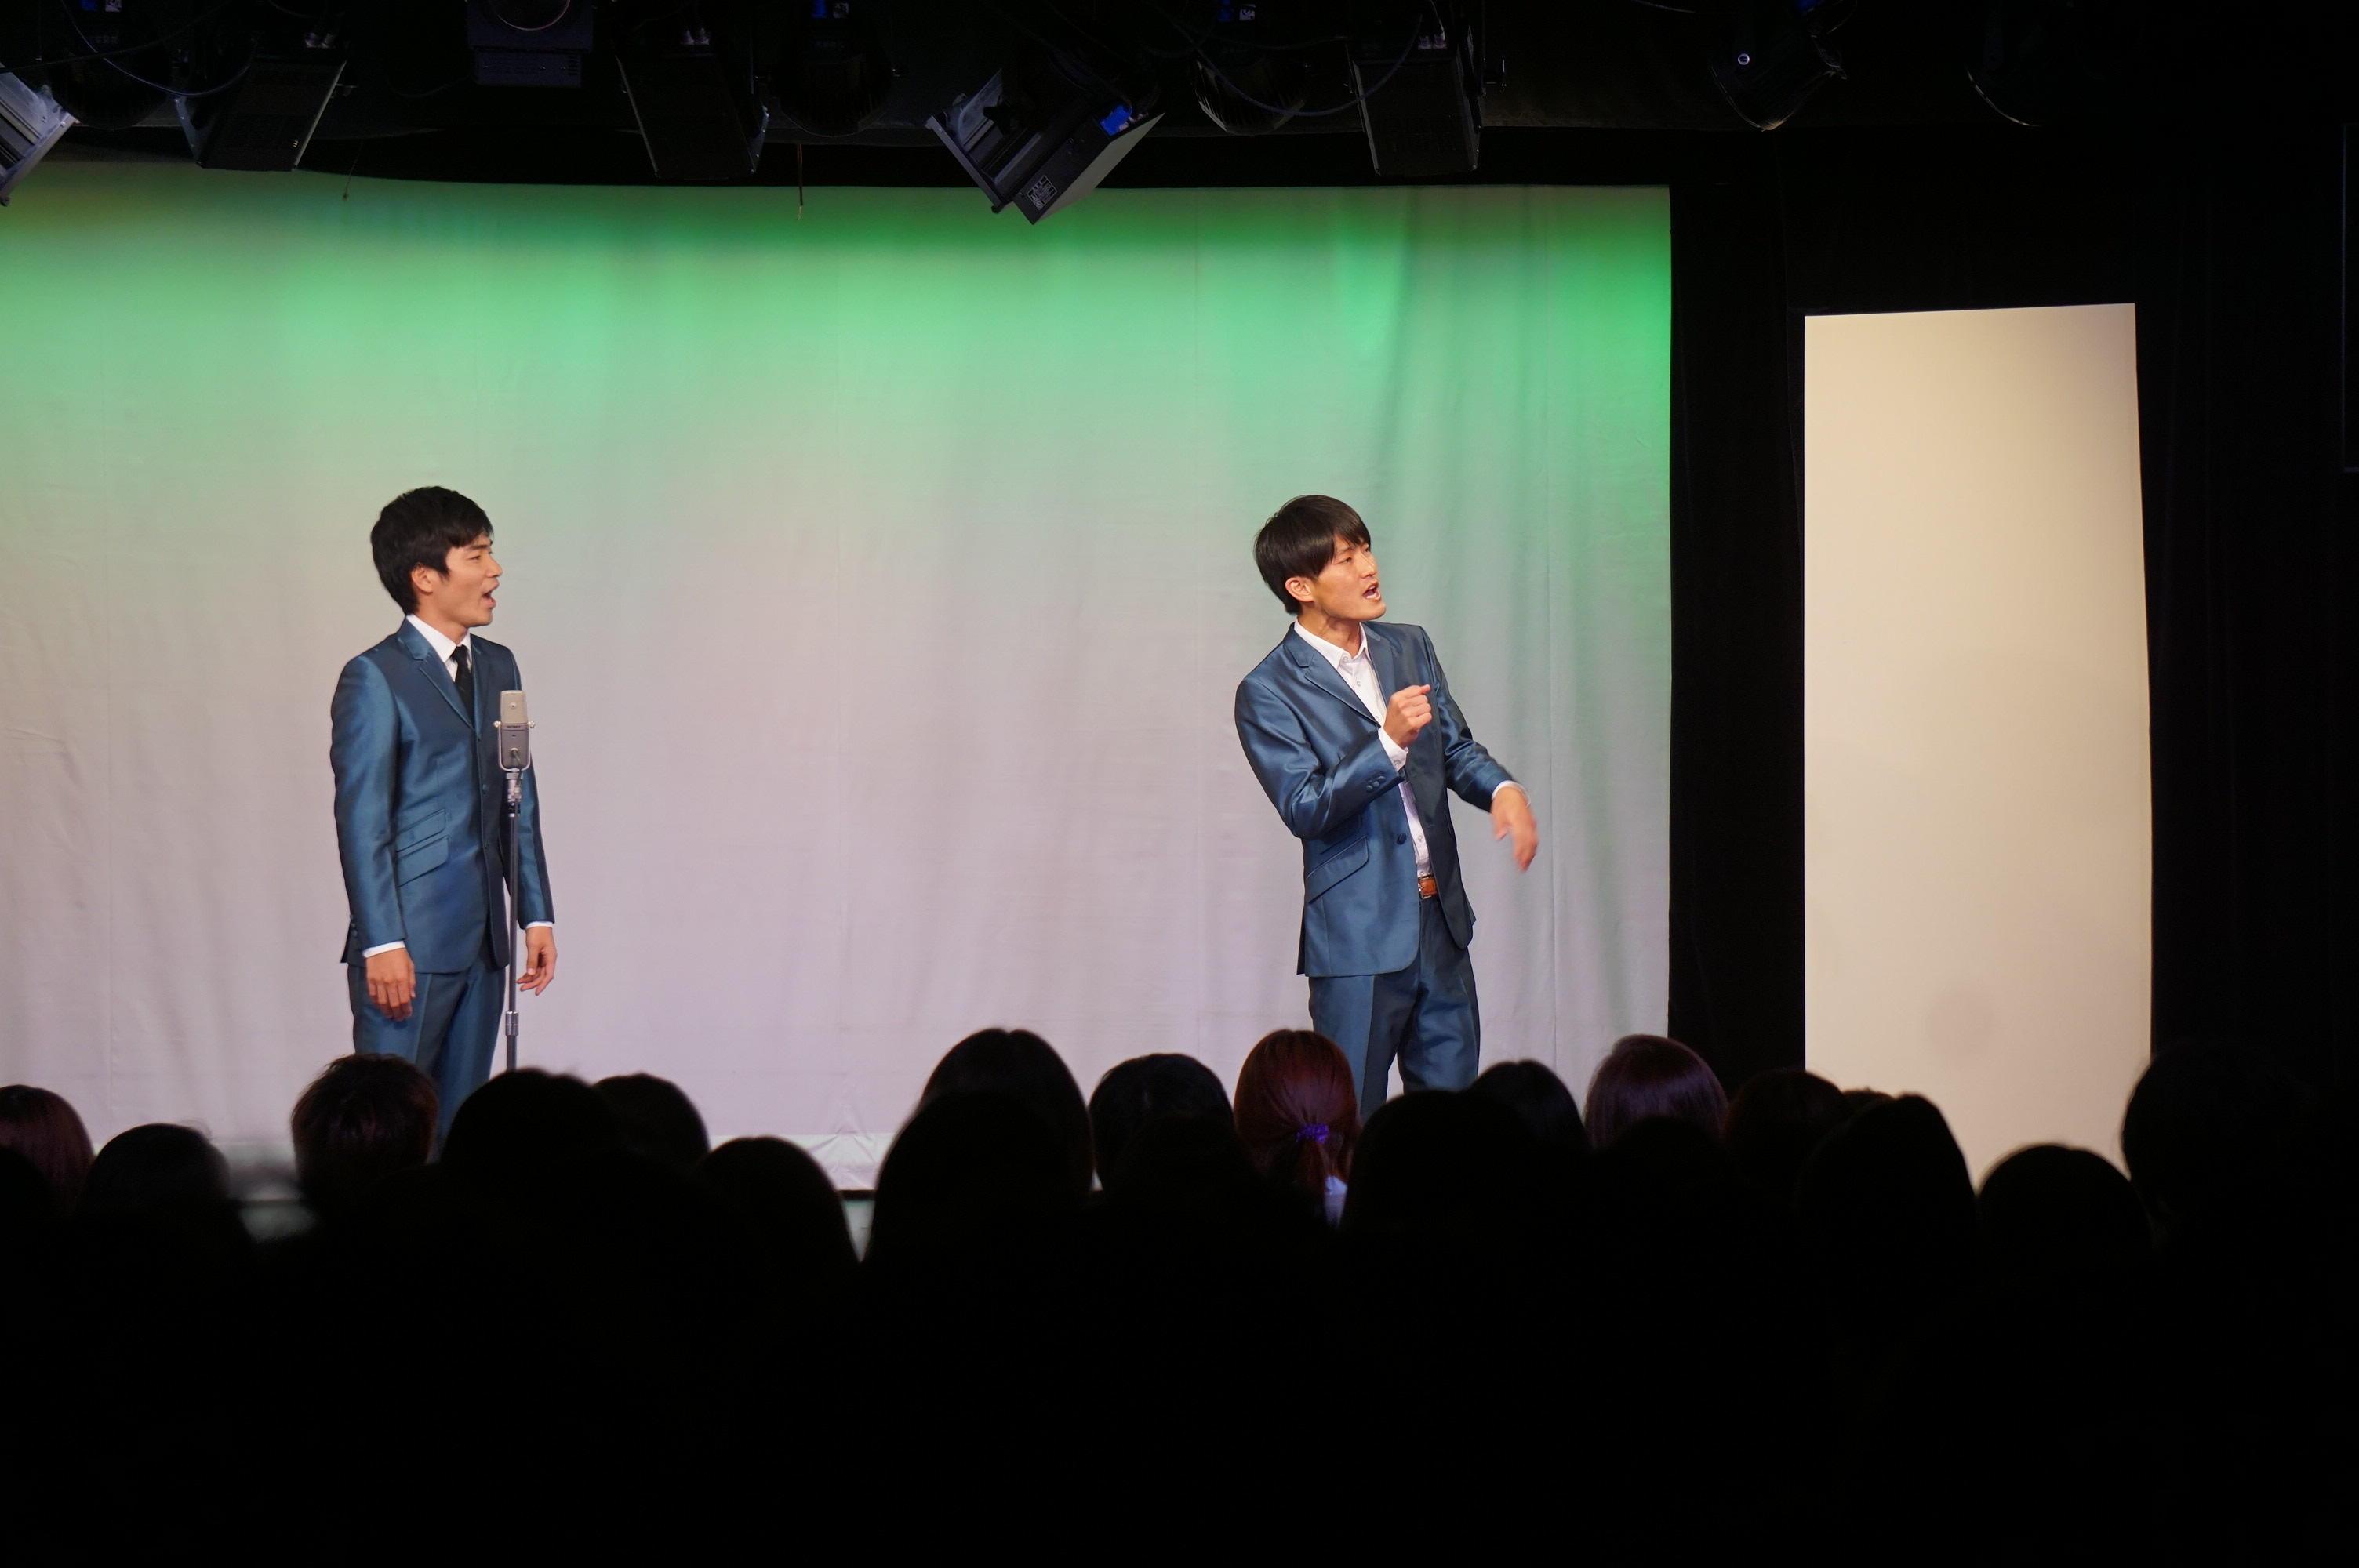 http://news.yoshimoto.co.jp/20161115184650-822c06a7e816cbefff4d47098df50668945895a7.jpg